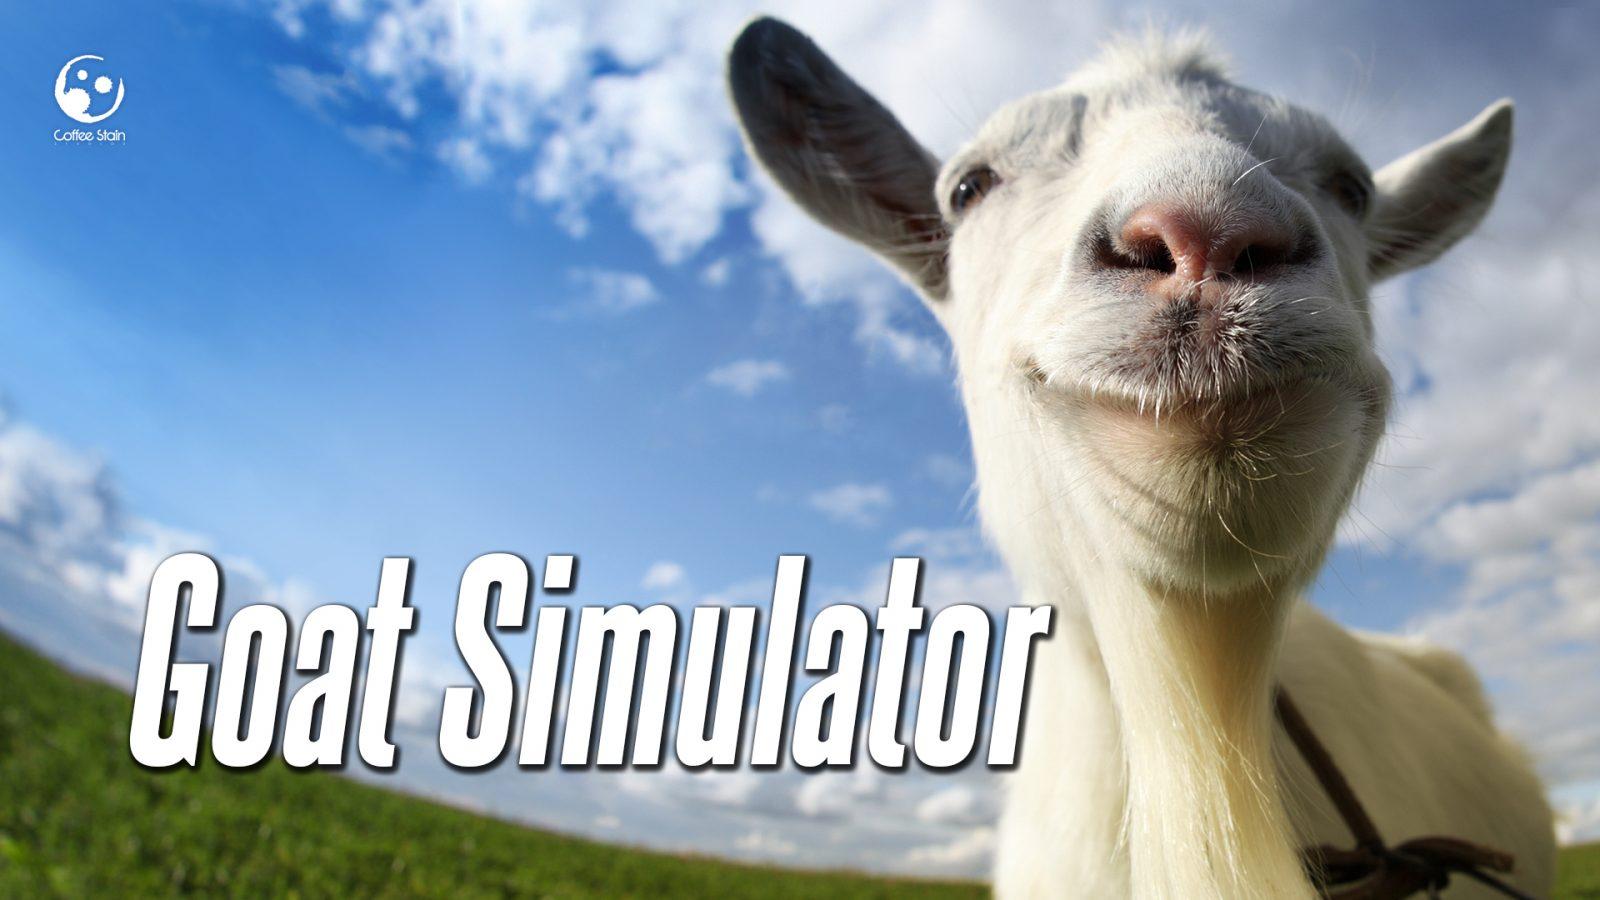 [RESULTAT] Concours Animal & Cie 2503650-goat-simulator